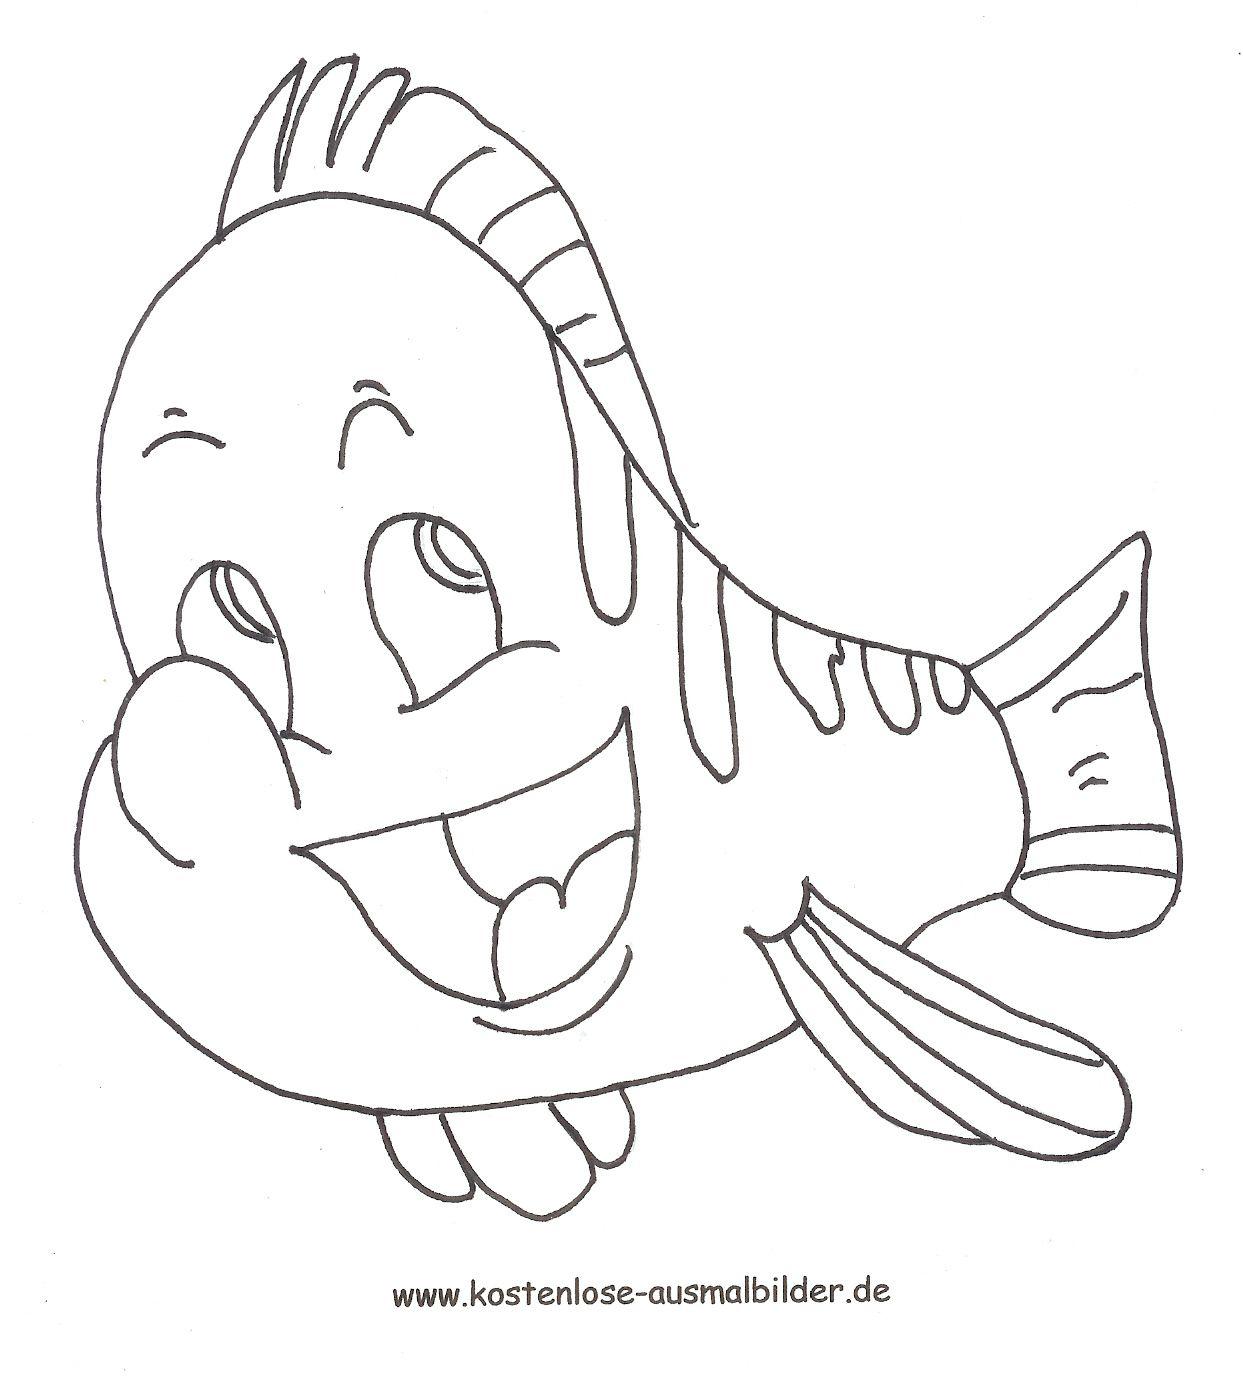 Malvorlagen und Ausmalbilder für Erwachsene und Kinder Weitere Ausmalbilder und Malvorlagen zum Thema Fisch von Arielle